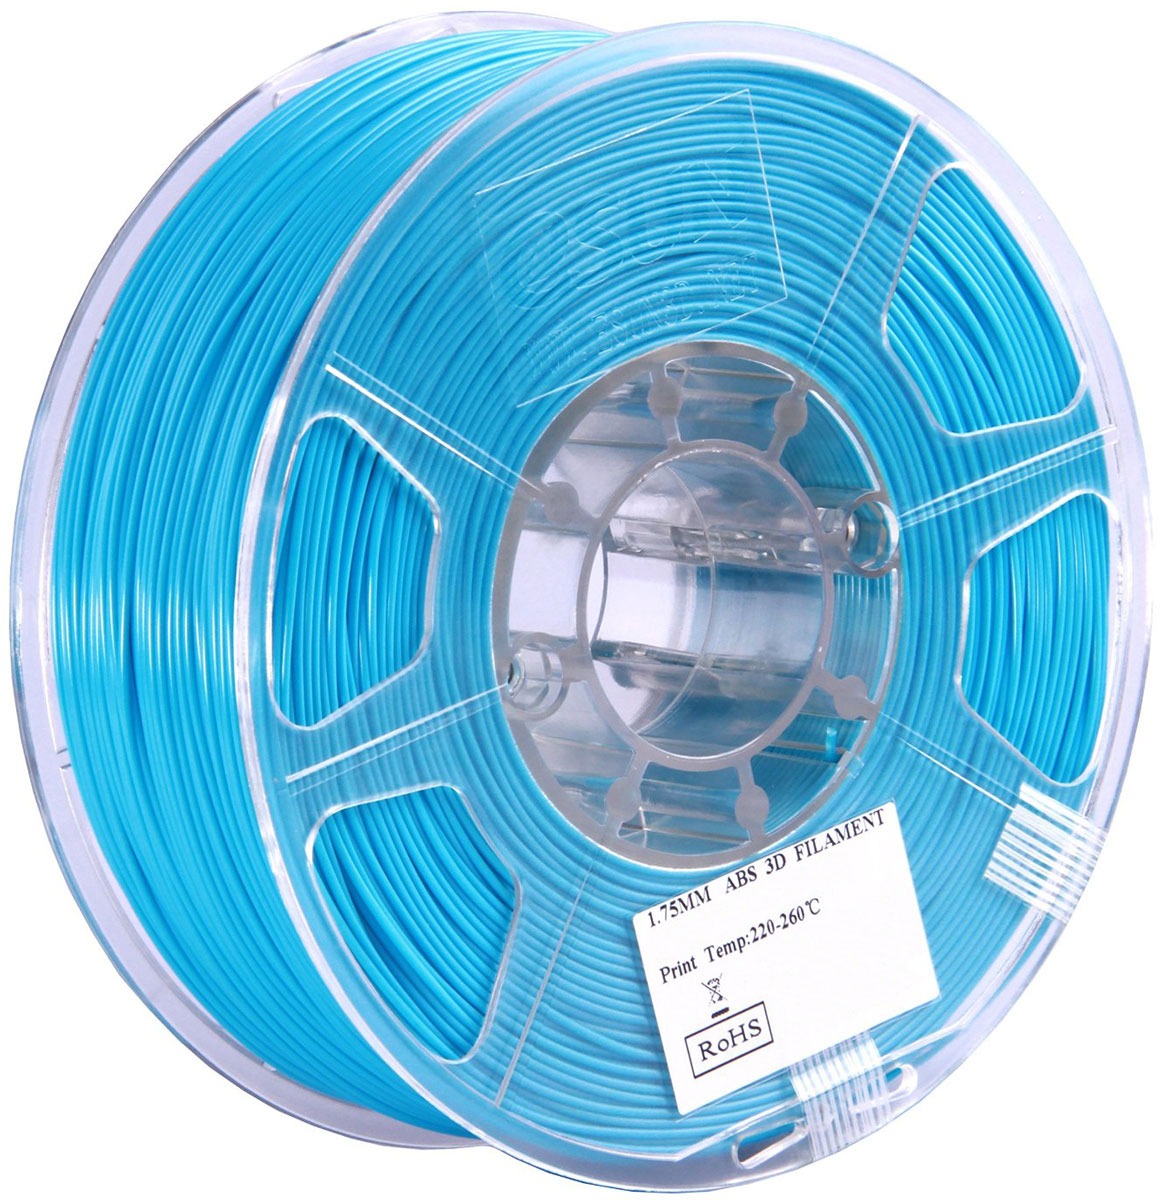 ESUN пластик ABS в катушке, Light Blue, 1,75 мм ABS175D1ABS175D1Пластик ABS от ESUN долговечный и очень прочный полимер, ударопрочный, эластичный и стойкий к моющим средствам и щелочам. Один из лучших материалов для печати на 3D принтере. Пластик ABS не имеет запаха и не является токсичным. Температура плавления 220-260°C. АБС пластик для 3D-принтера применяется в деталях автомобилей, канцелярских изделиях, корпусах бытовой техники, мебели, сантехники, а также в производстве игрушек, сувениров, спортивного инвентаря, деталей оружия, медицинского оборудования и прочего.Диаметр пластиковой нити: 1.75 мм